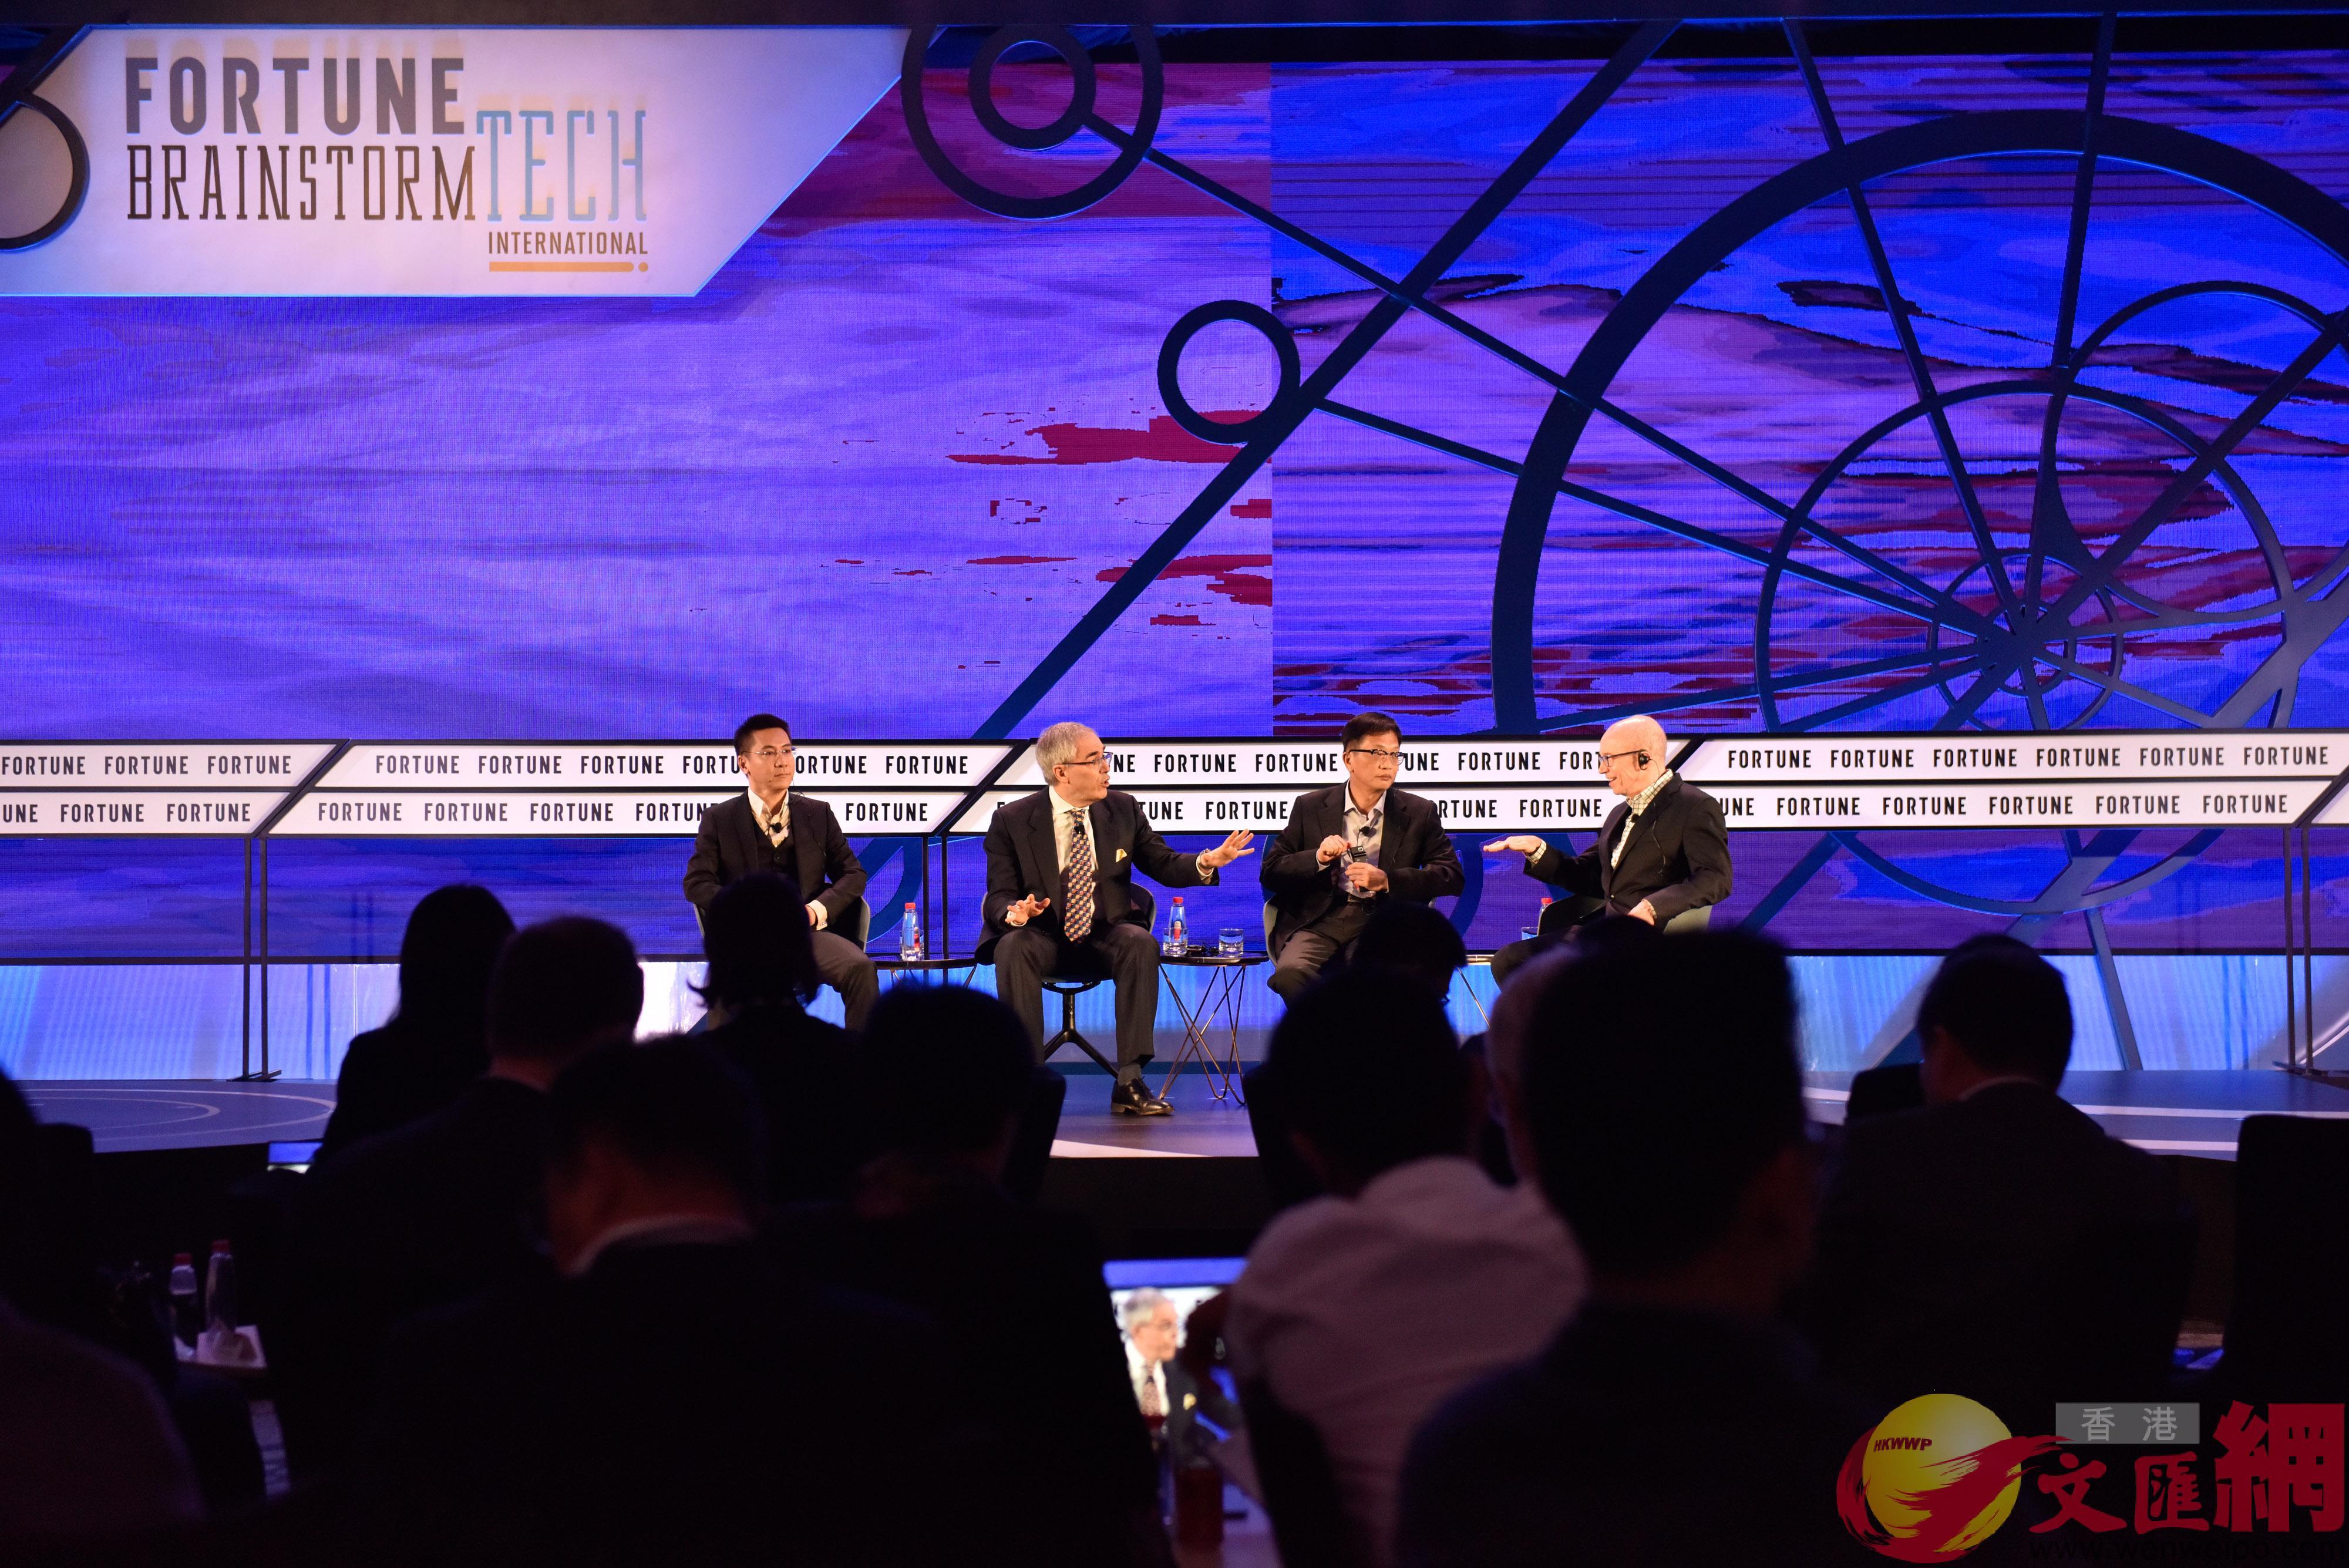 被稱為「小財富」的「國際科技頭腦風暴大會」在廣州舉行